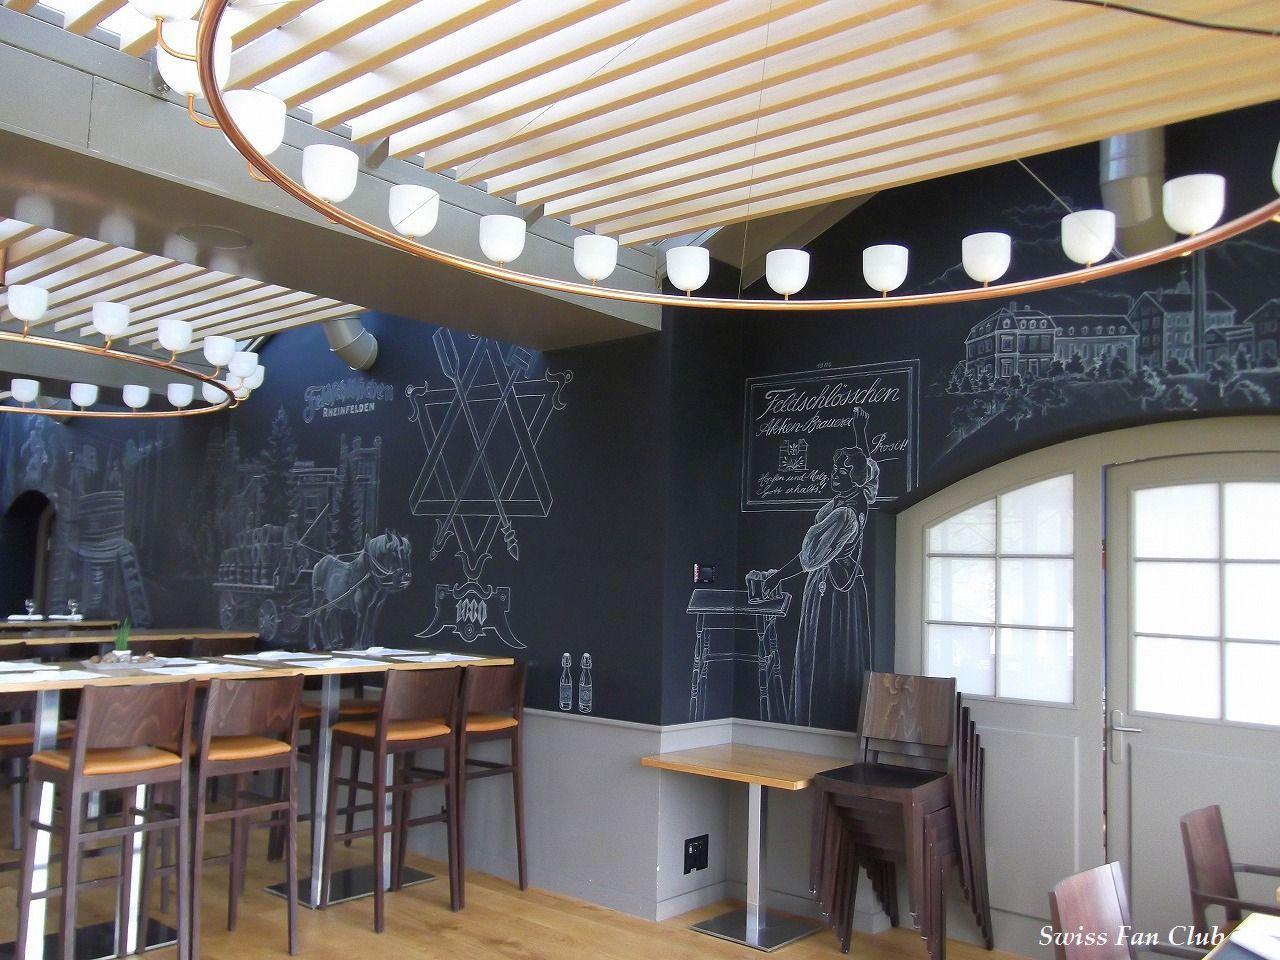 壁面黒板にはビールにちなんだ絵が描かれておりとっても素敵です